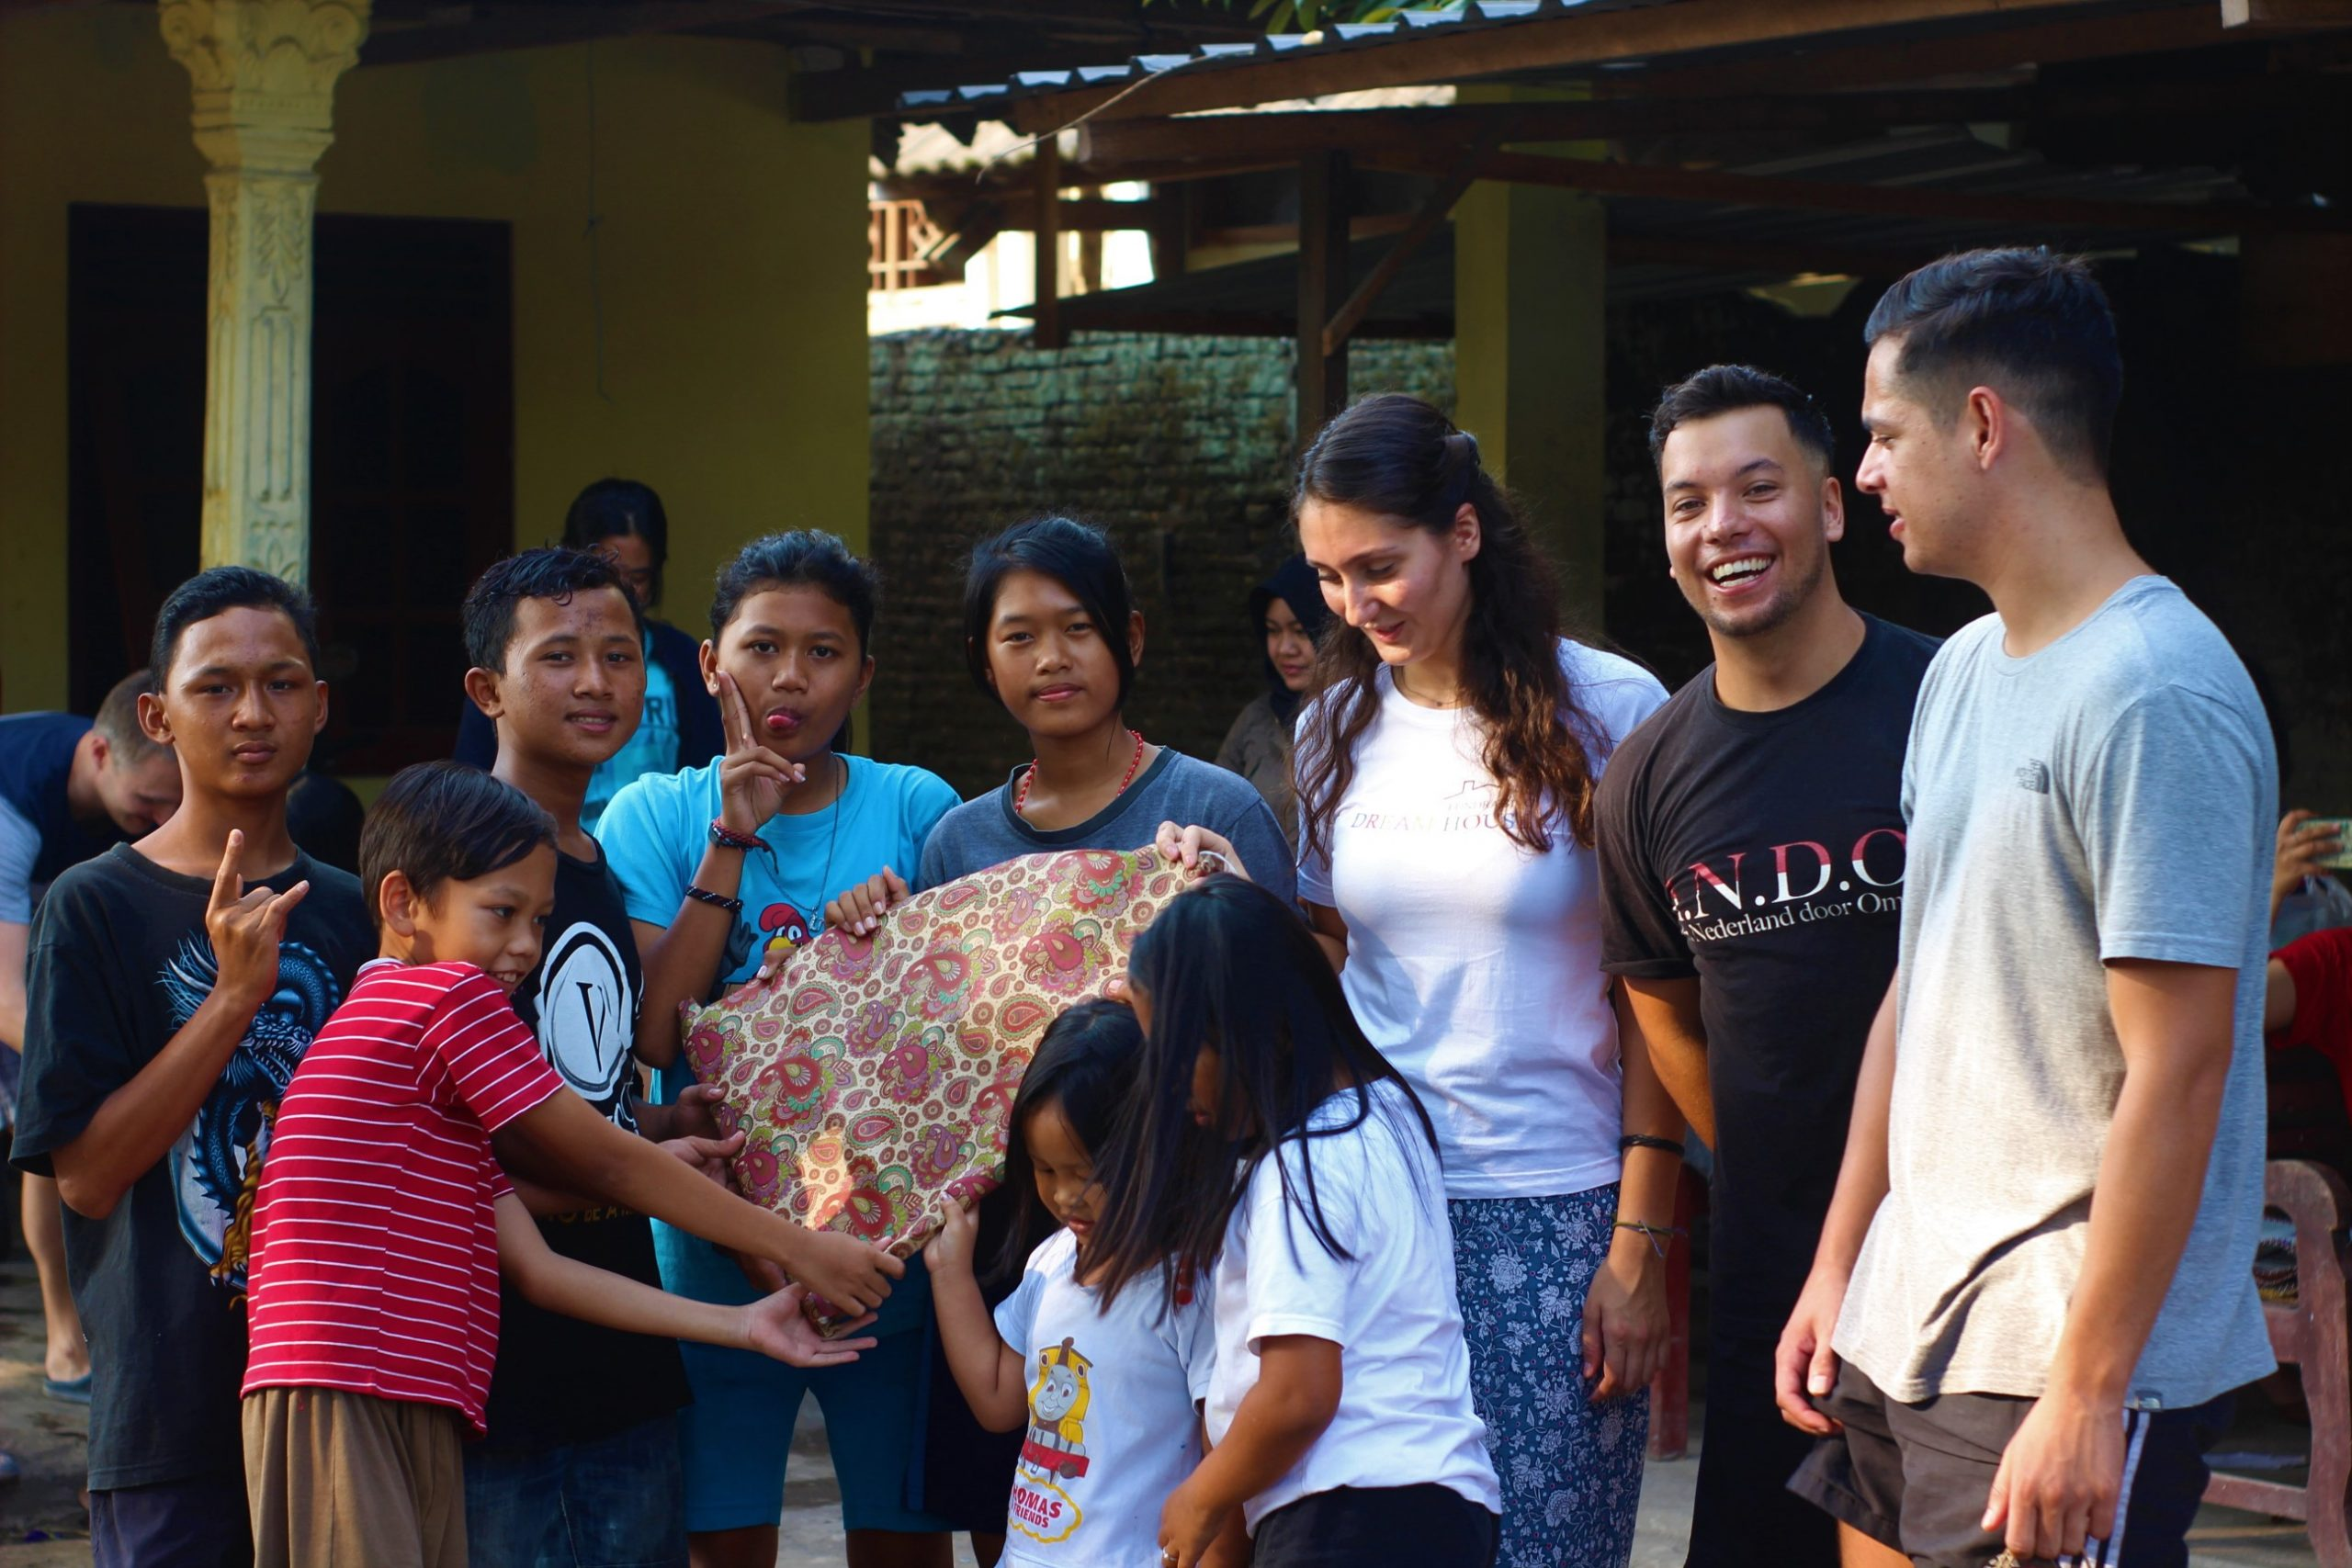 Afbeelding van een groep volwassenen en kinderen met de tekst 'Gedragscode'